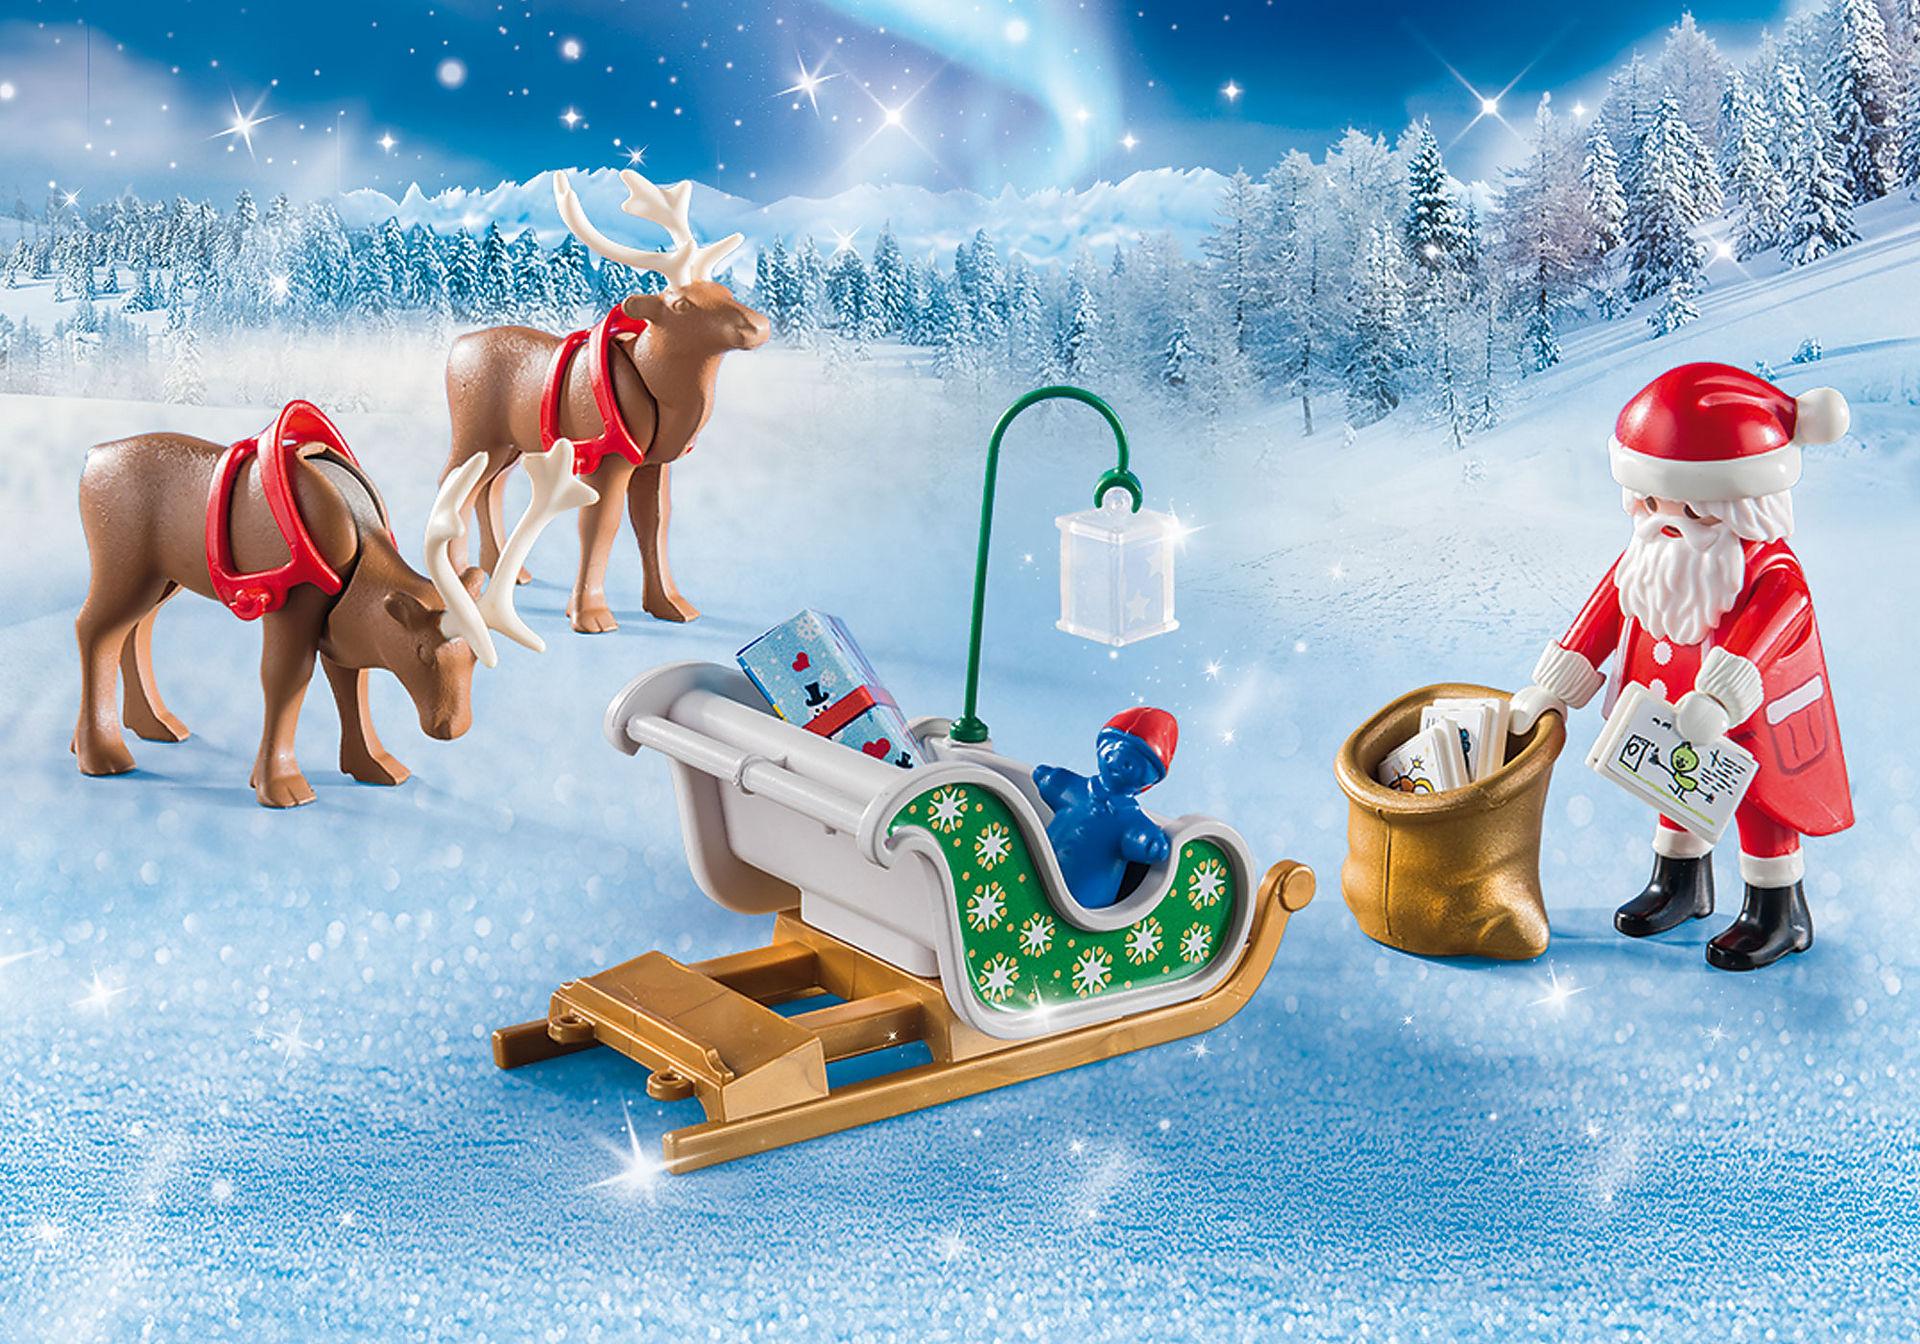 http://media.playmobil.com/i/playmobil/9496_product_extra1/Sanie świętego Mikołaja z reniferami